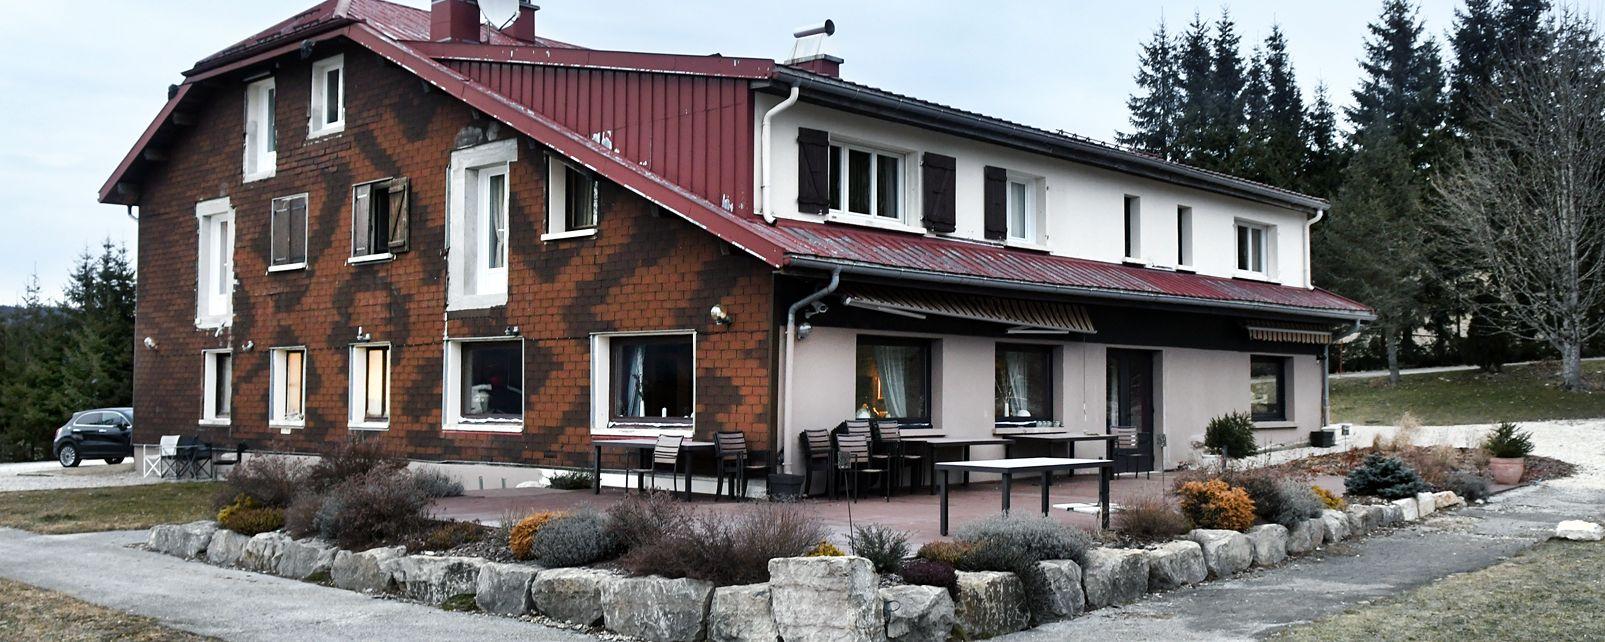 Hôtel Le Manoir des Montagnes